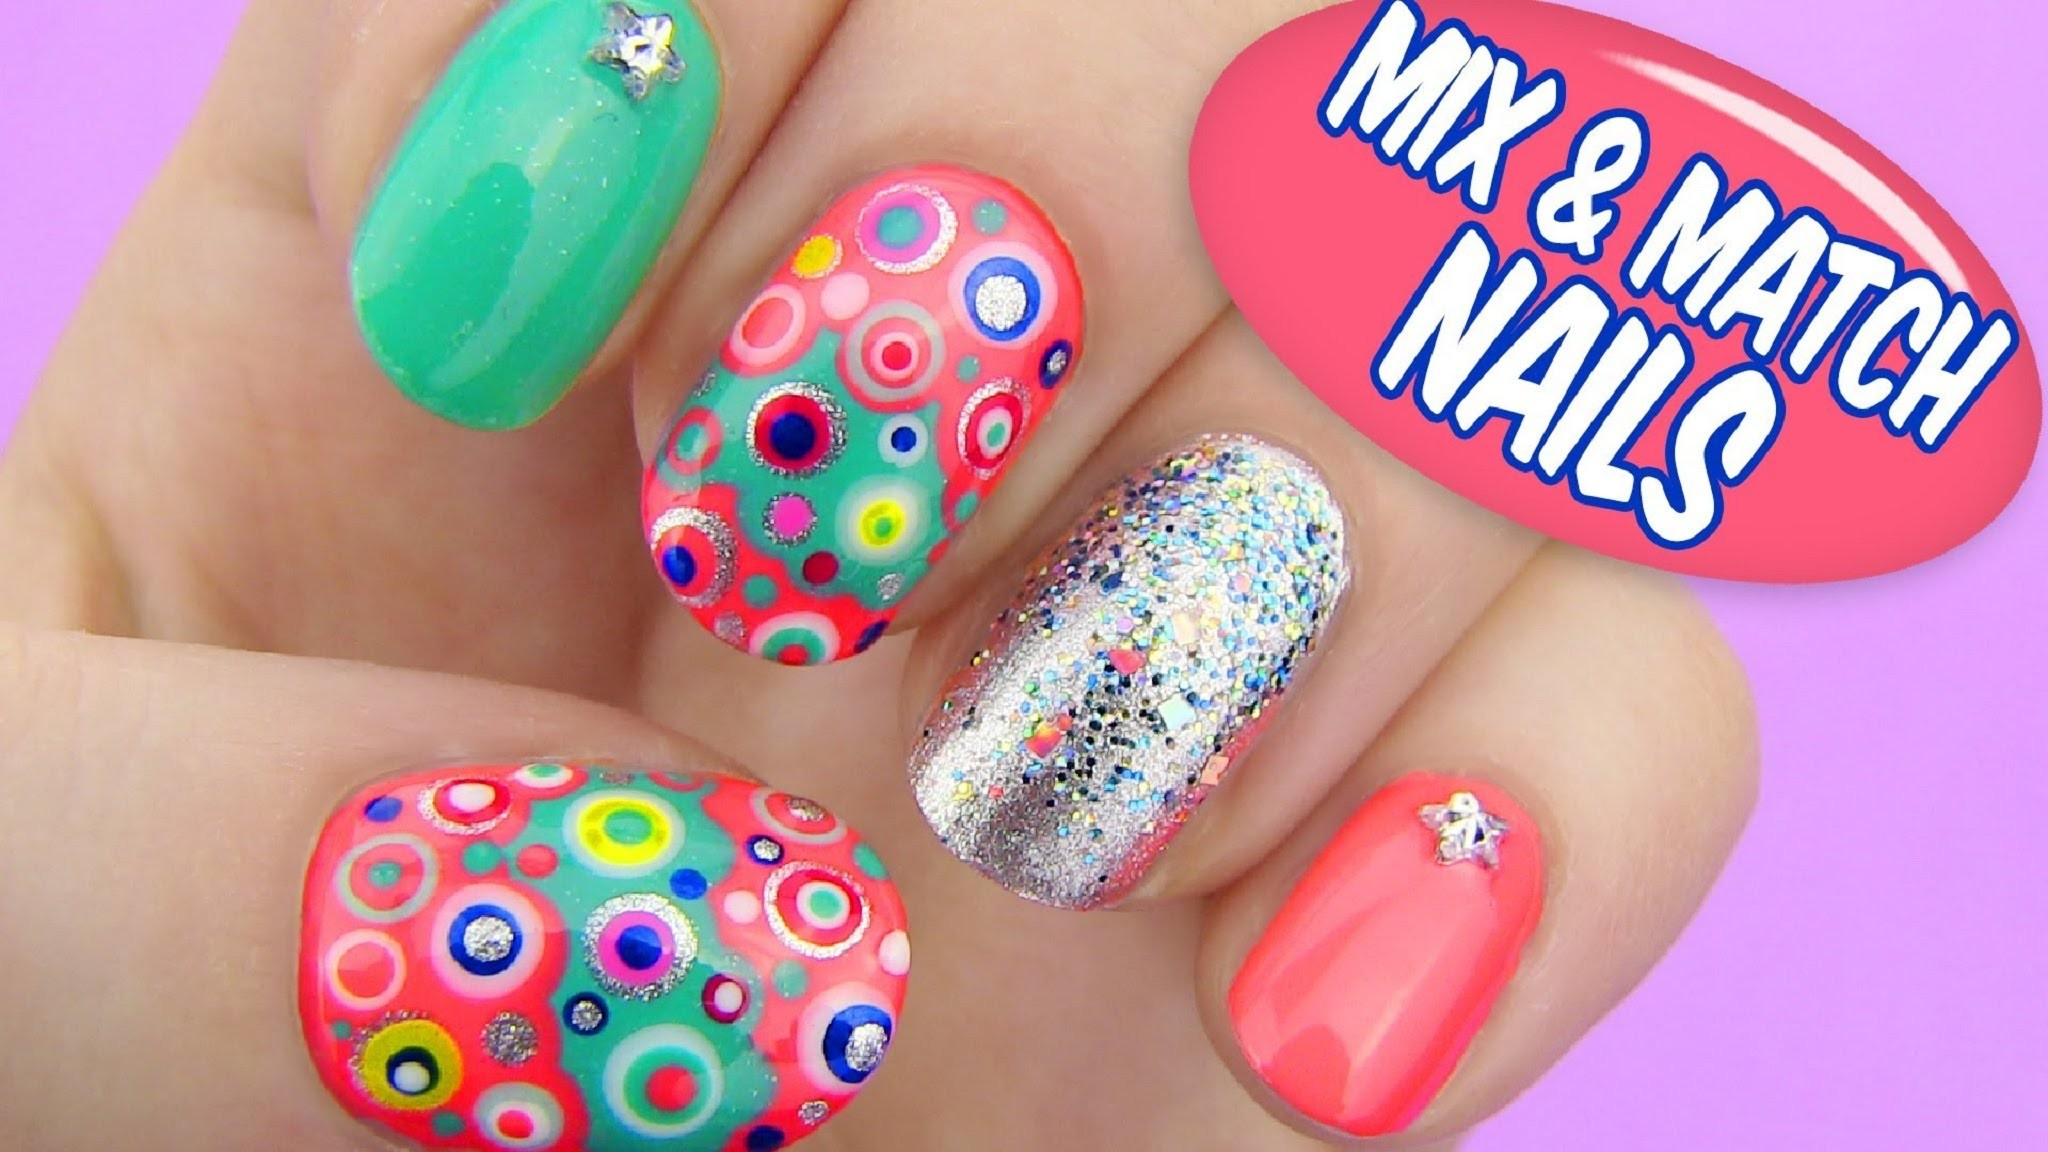 Nail Art Wallpaper 33 Images